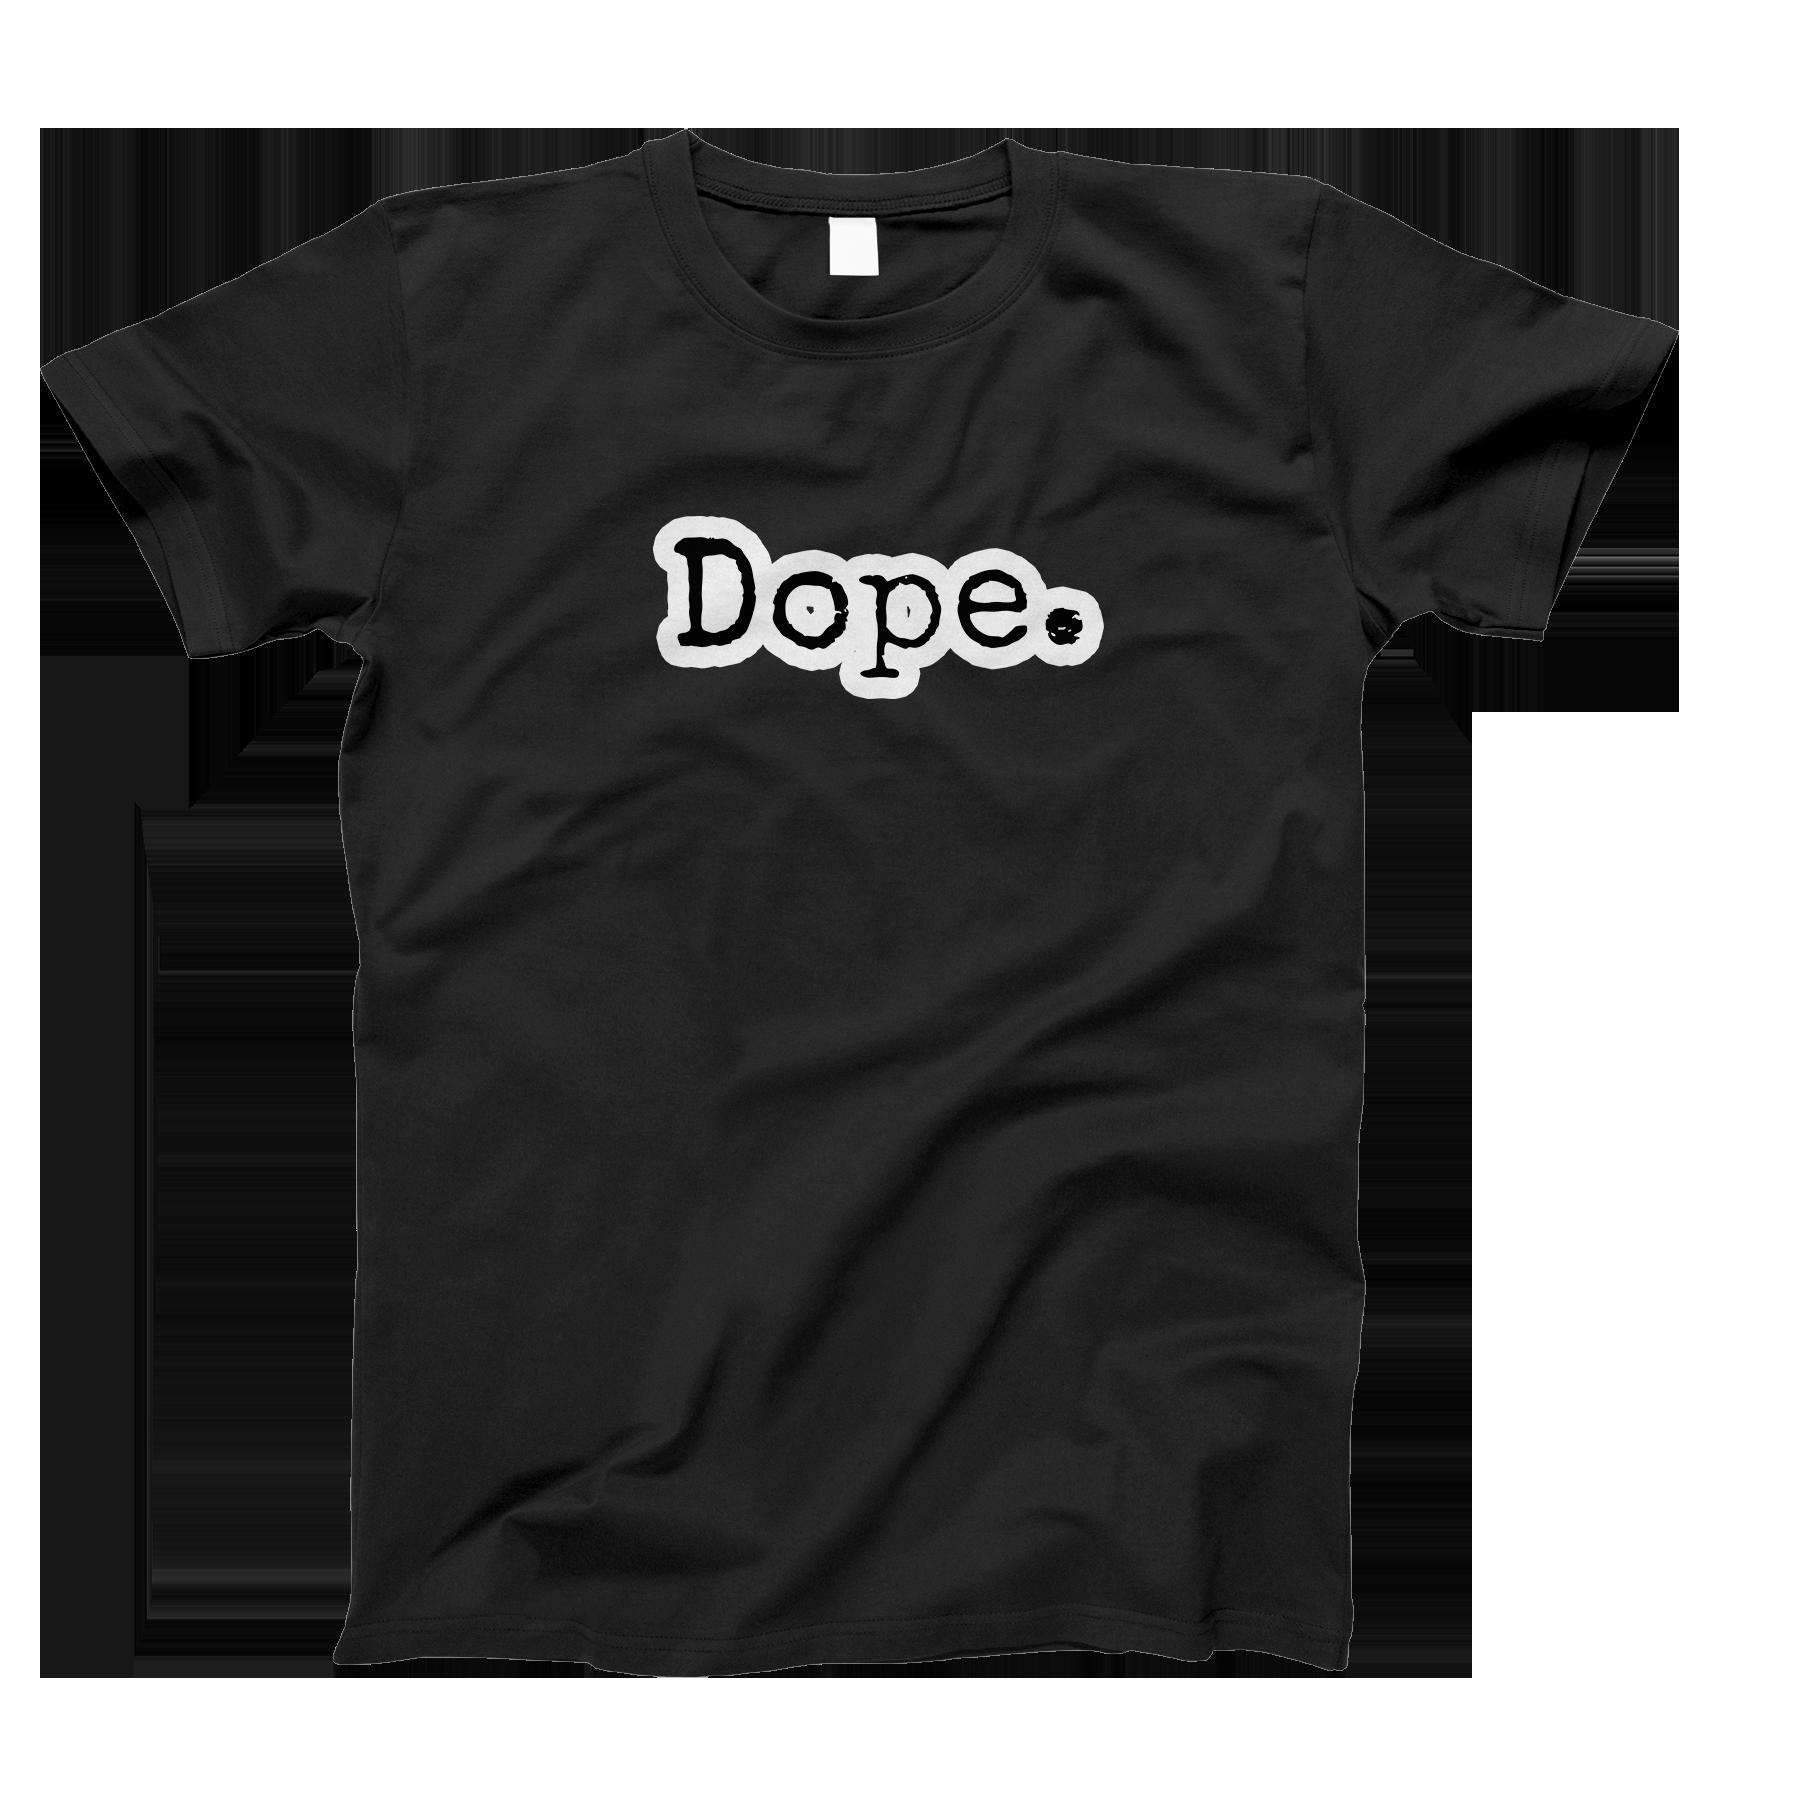 Dope Shirts | Actavis Shirt | Sites Like Karmaloop